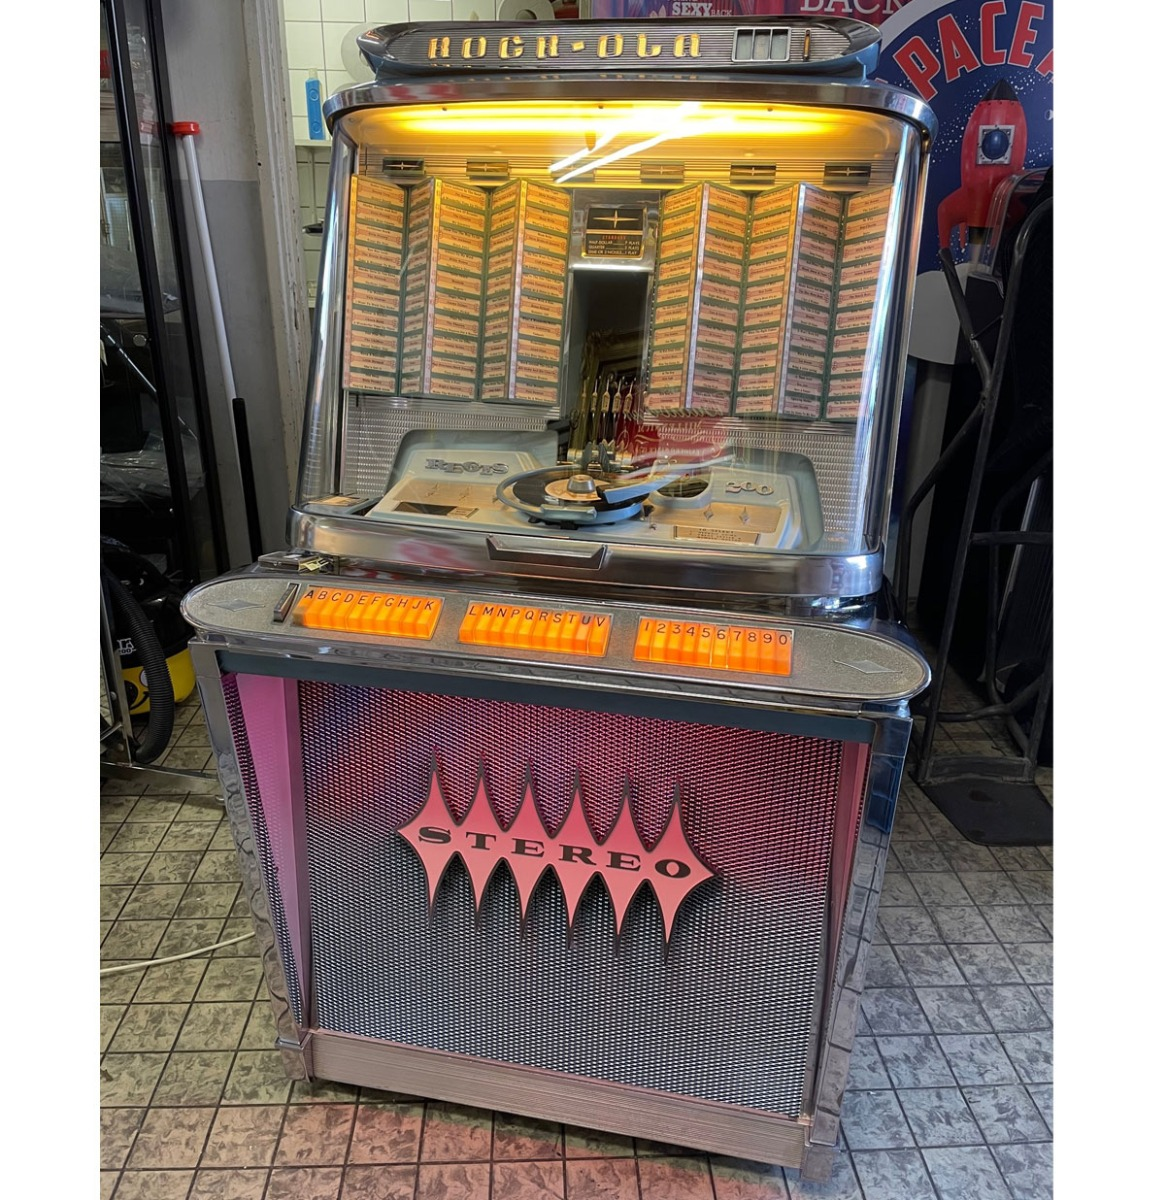 Rock-Ola 1495 Regis 200 Jukebox - Gerestaureerd